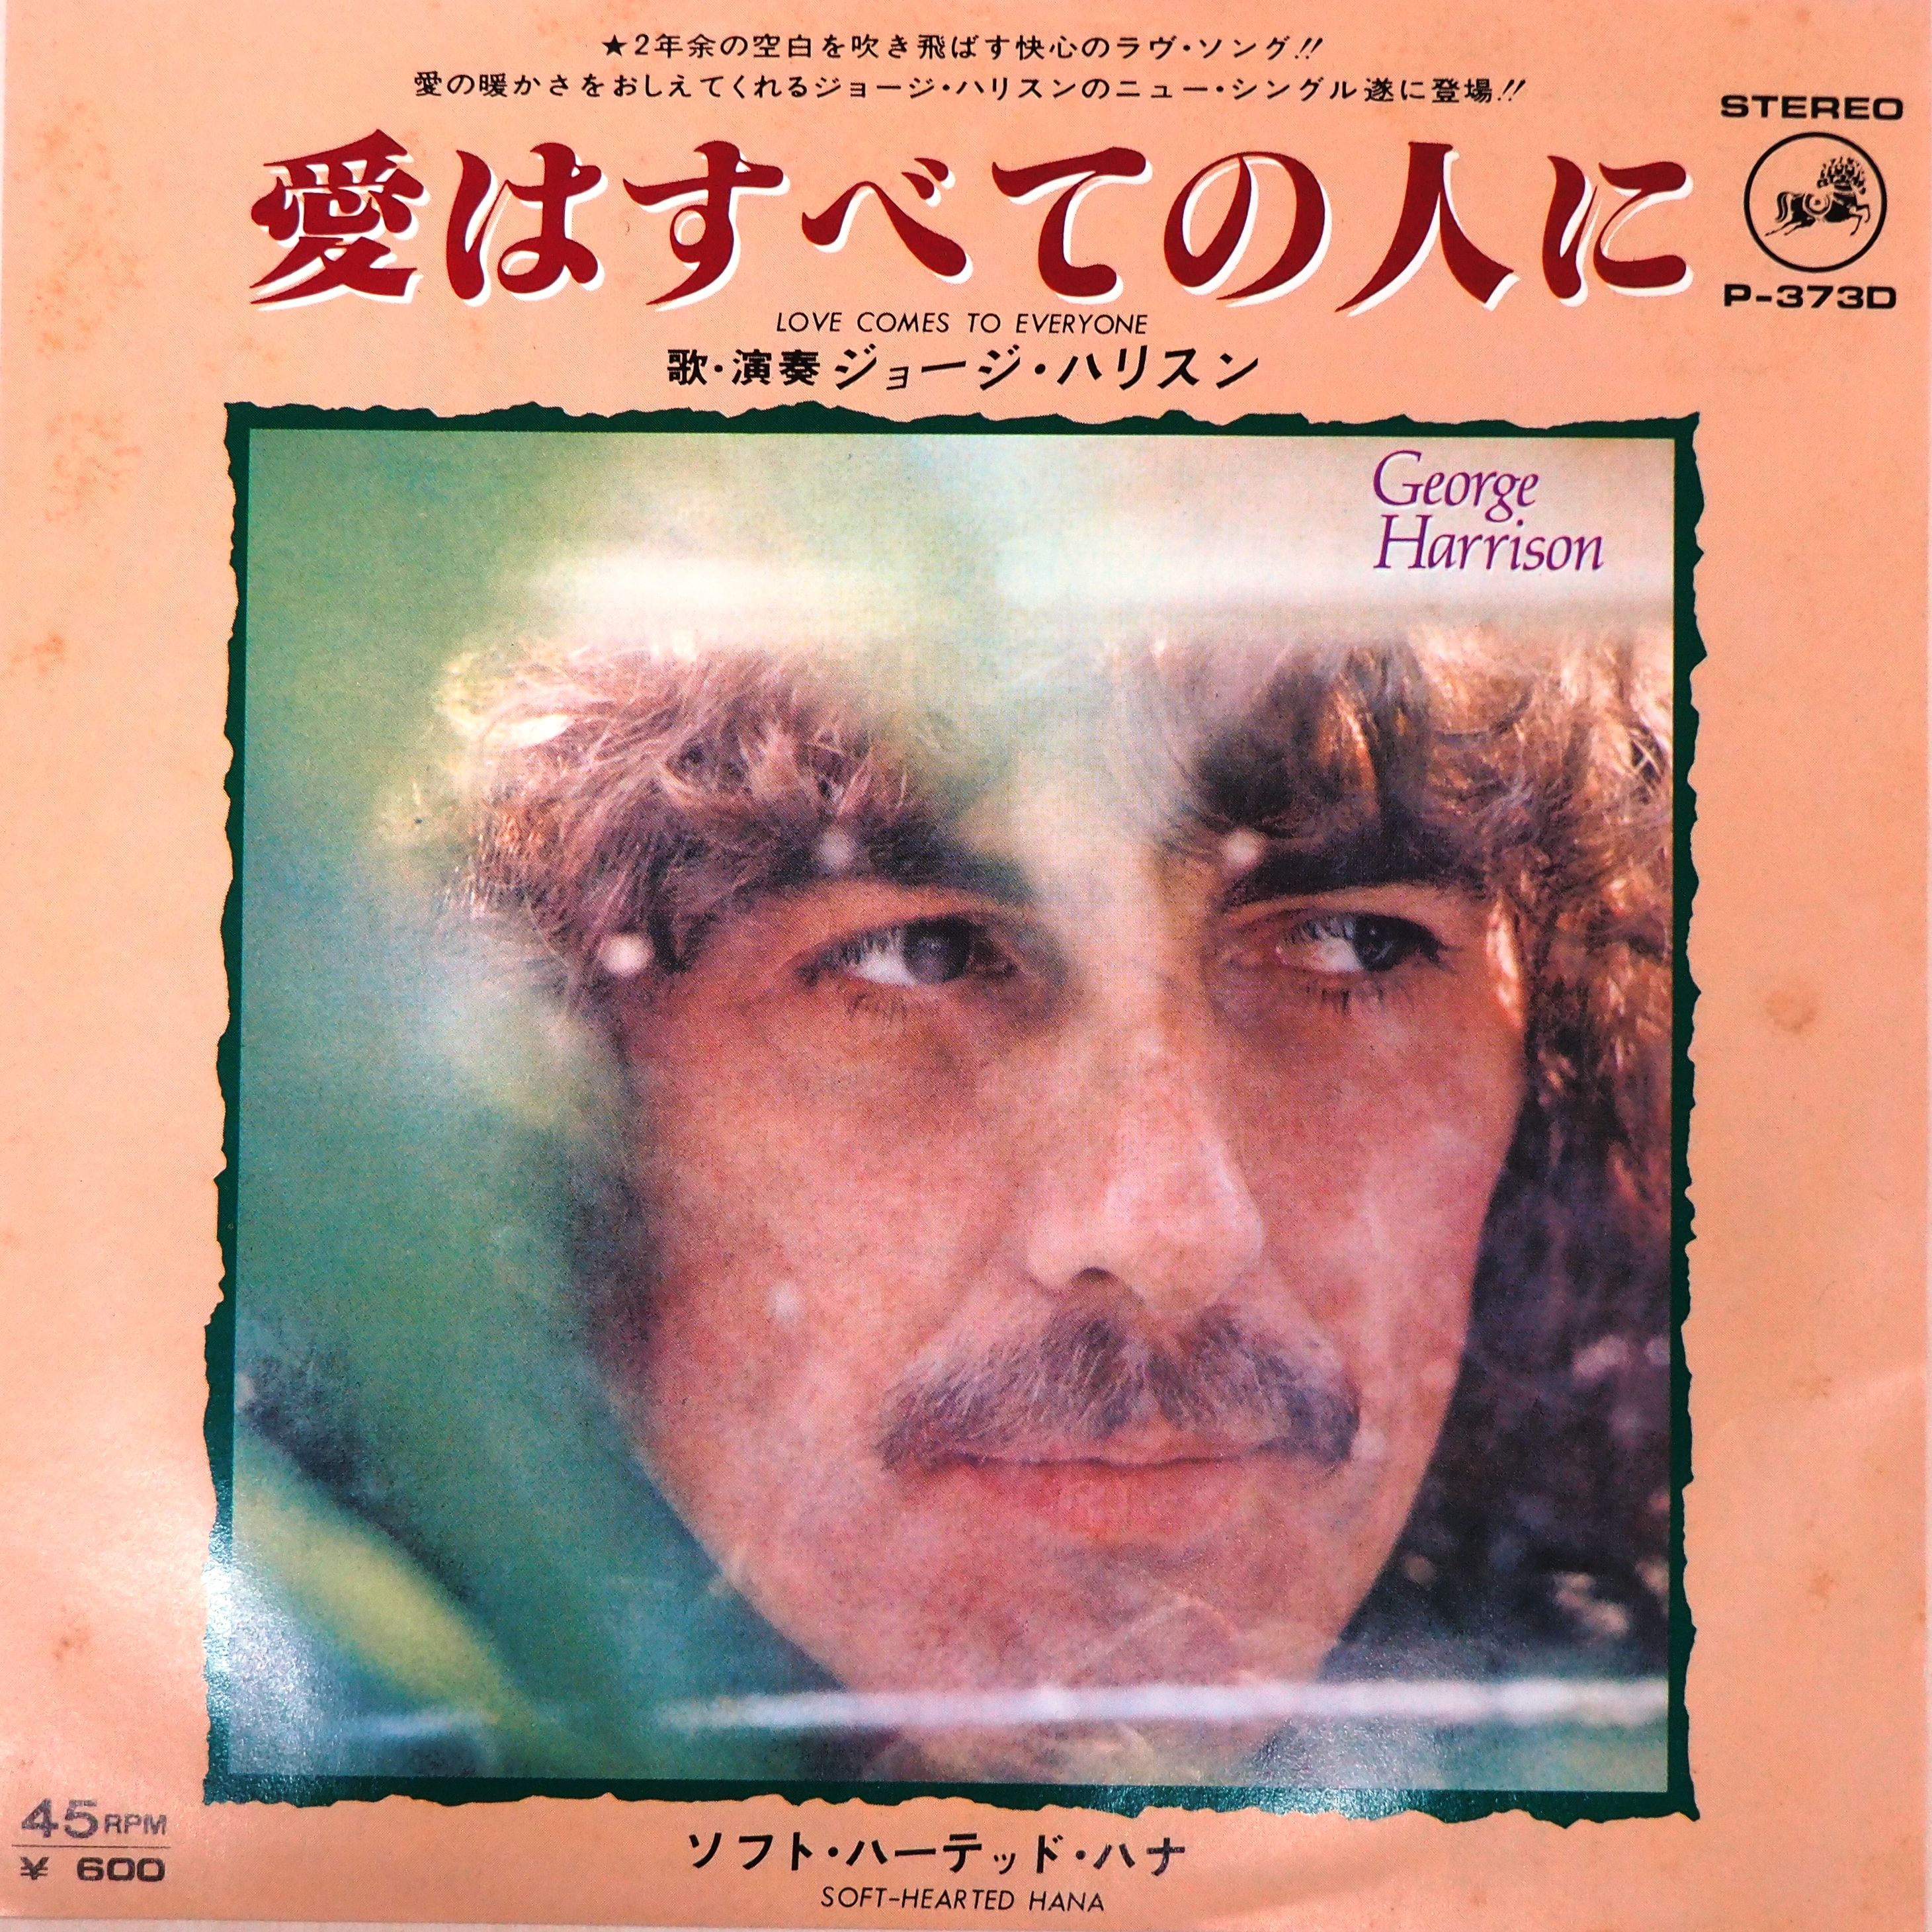 「愛はすべての人に/ジョージ・ハリスン」の日本版シングル盤ジャケット。